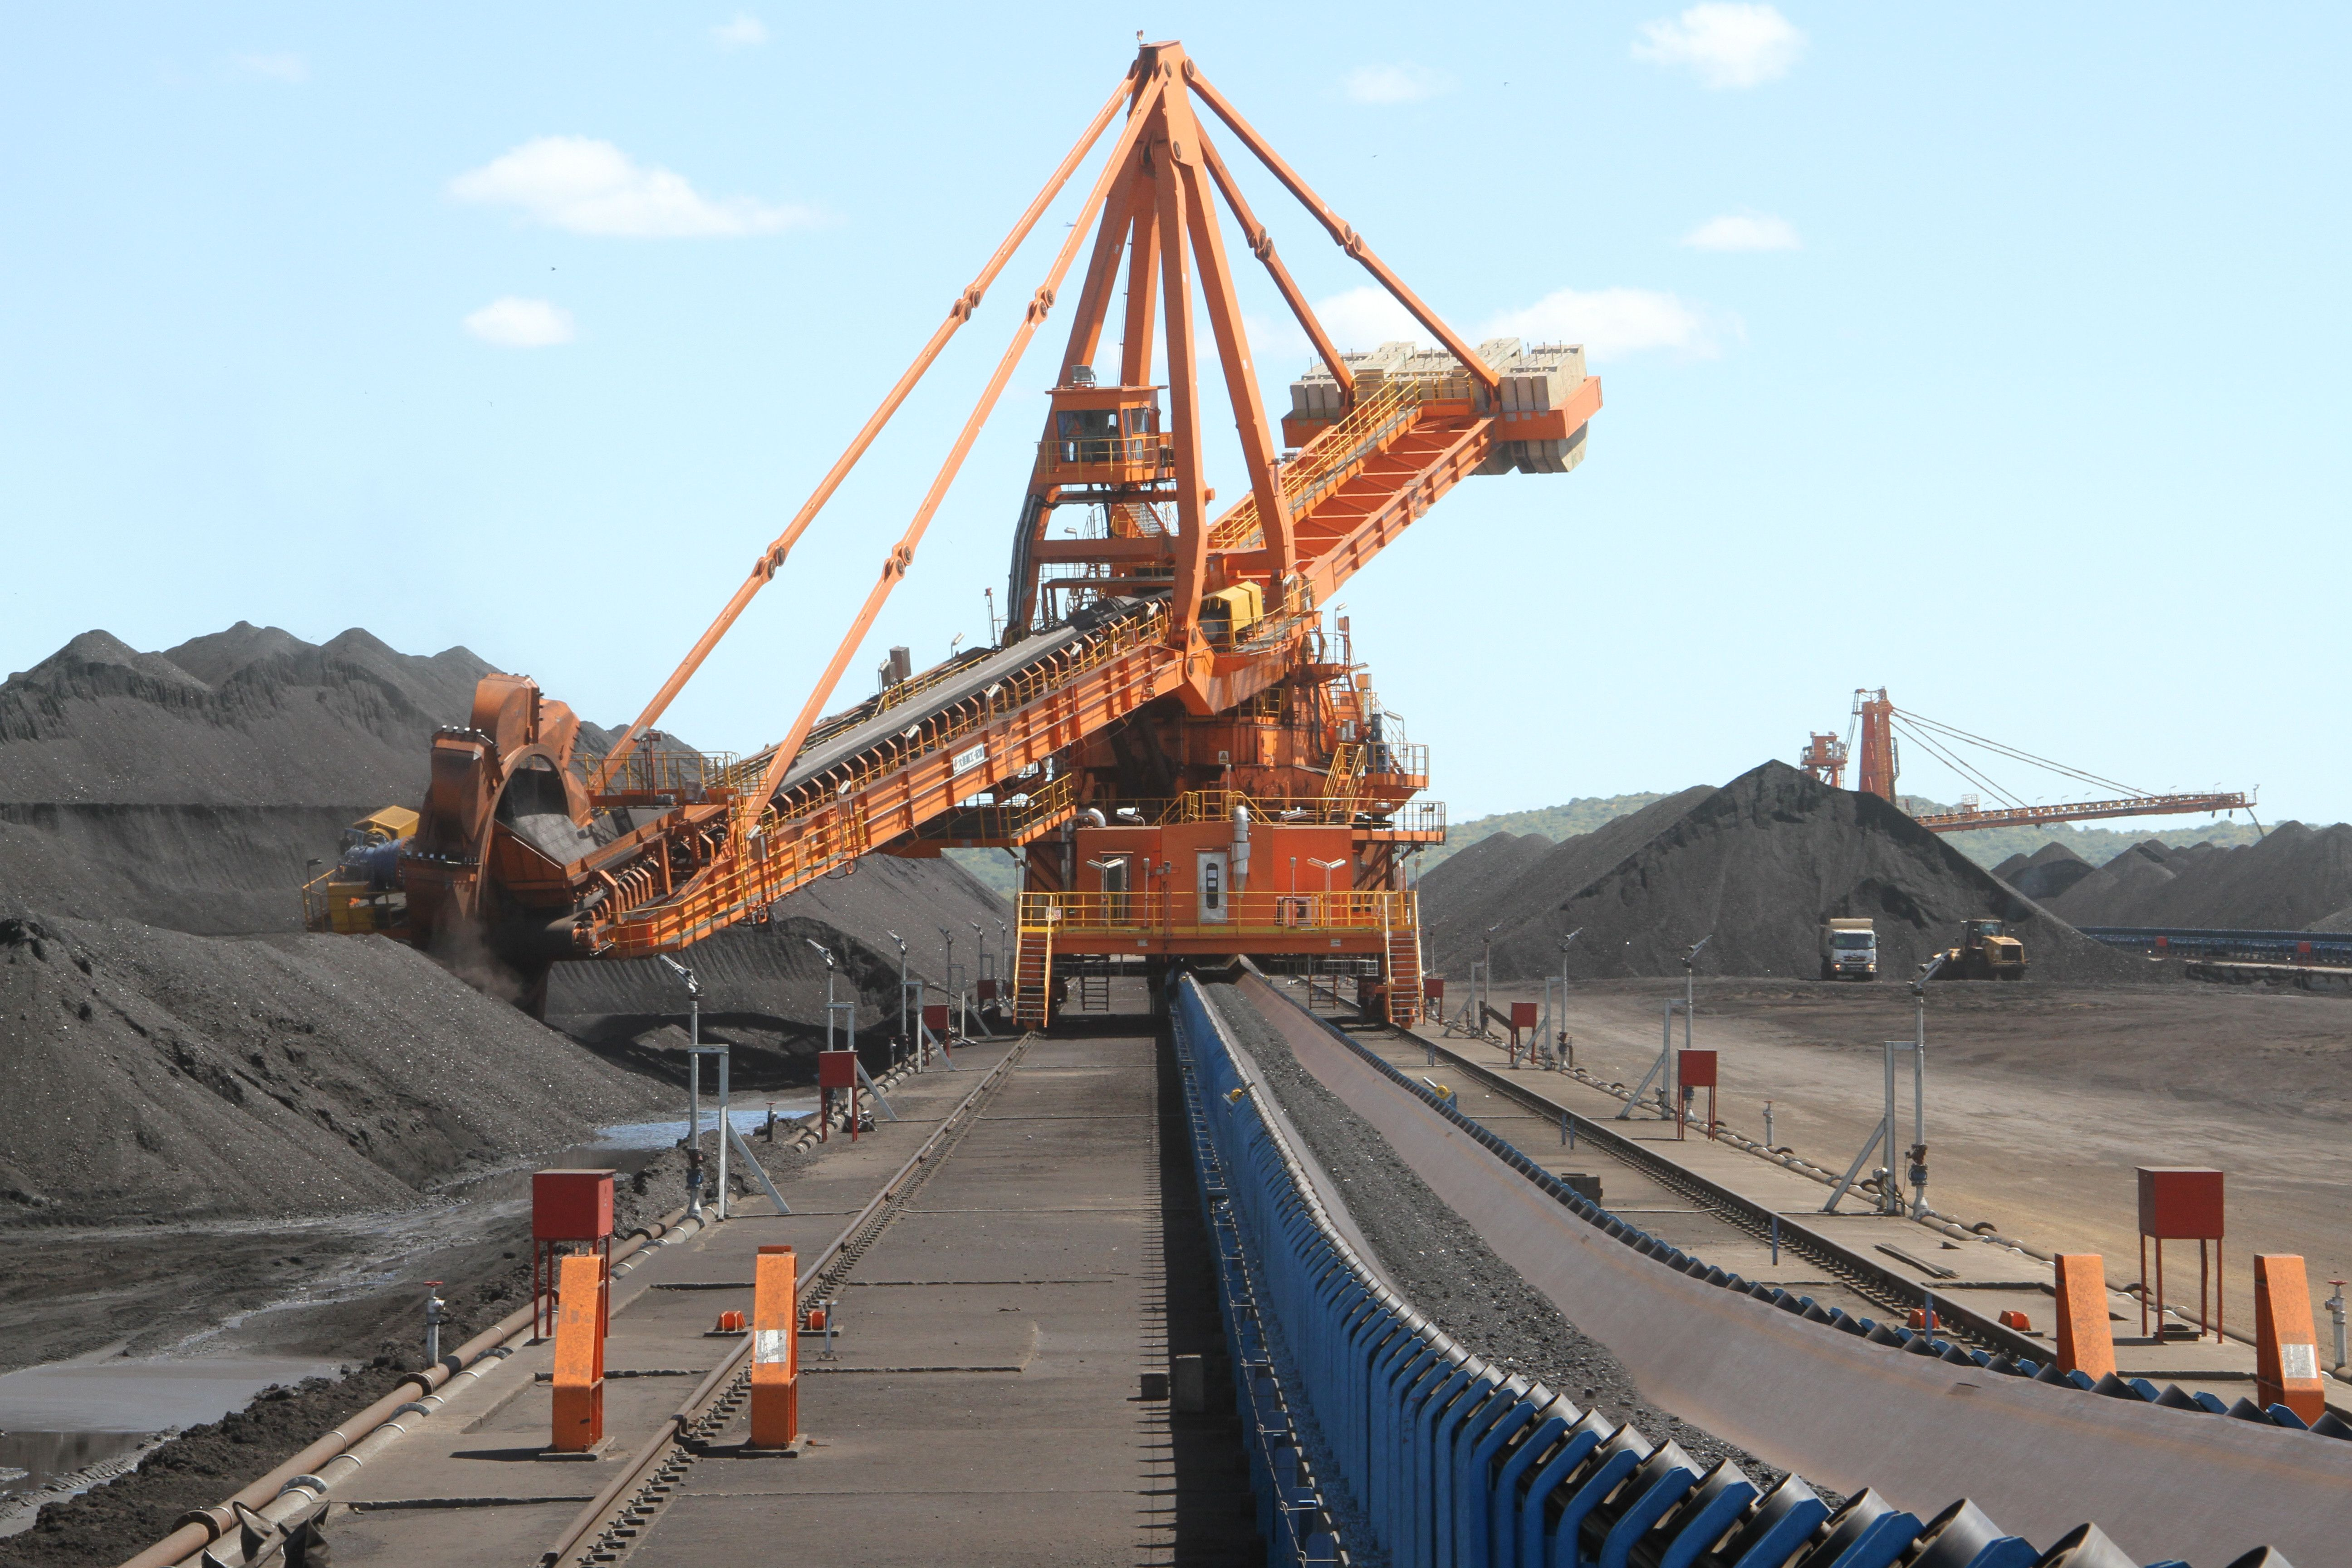 Maquinário da Mina de Carvão de Moatize - Moçambique